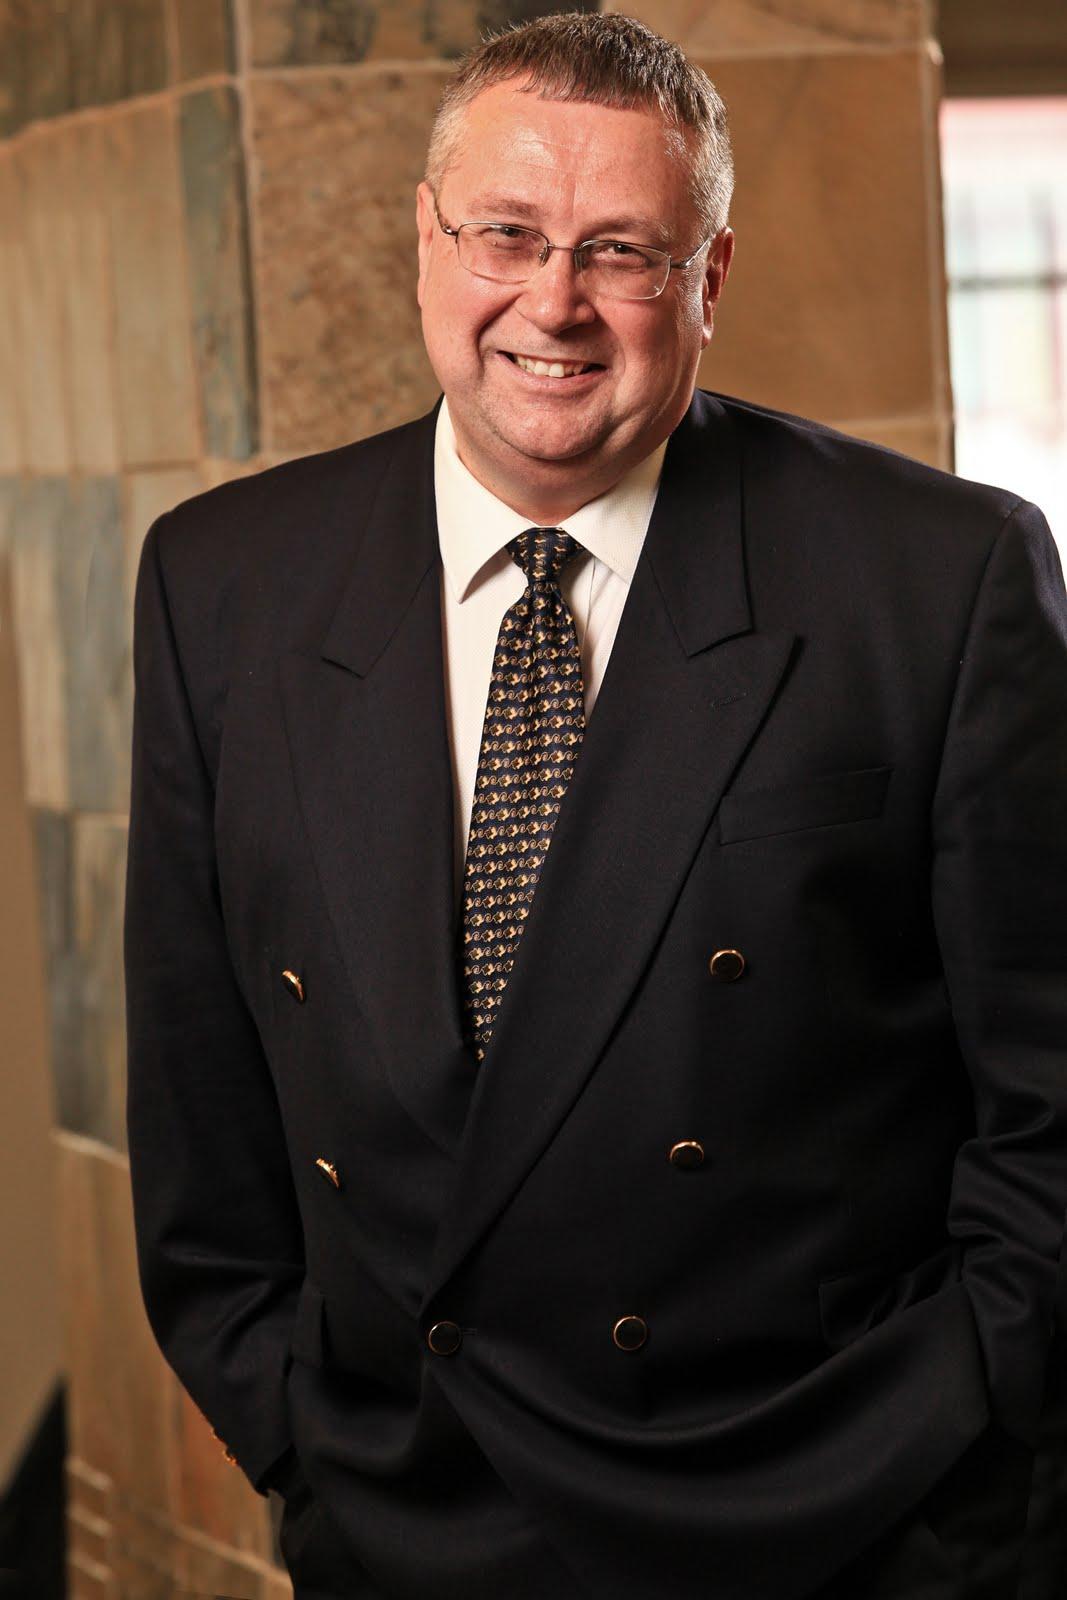 Randall W. Edge, M.B.A.